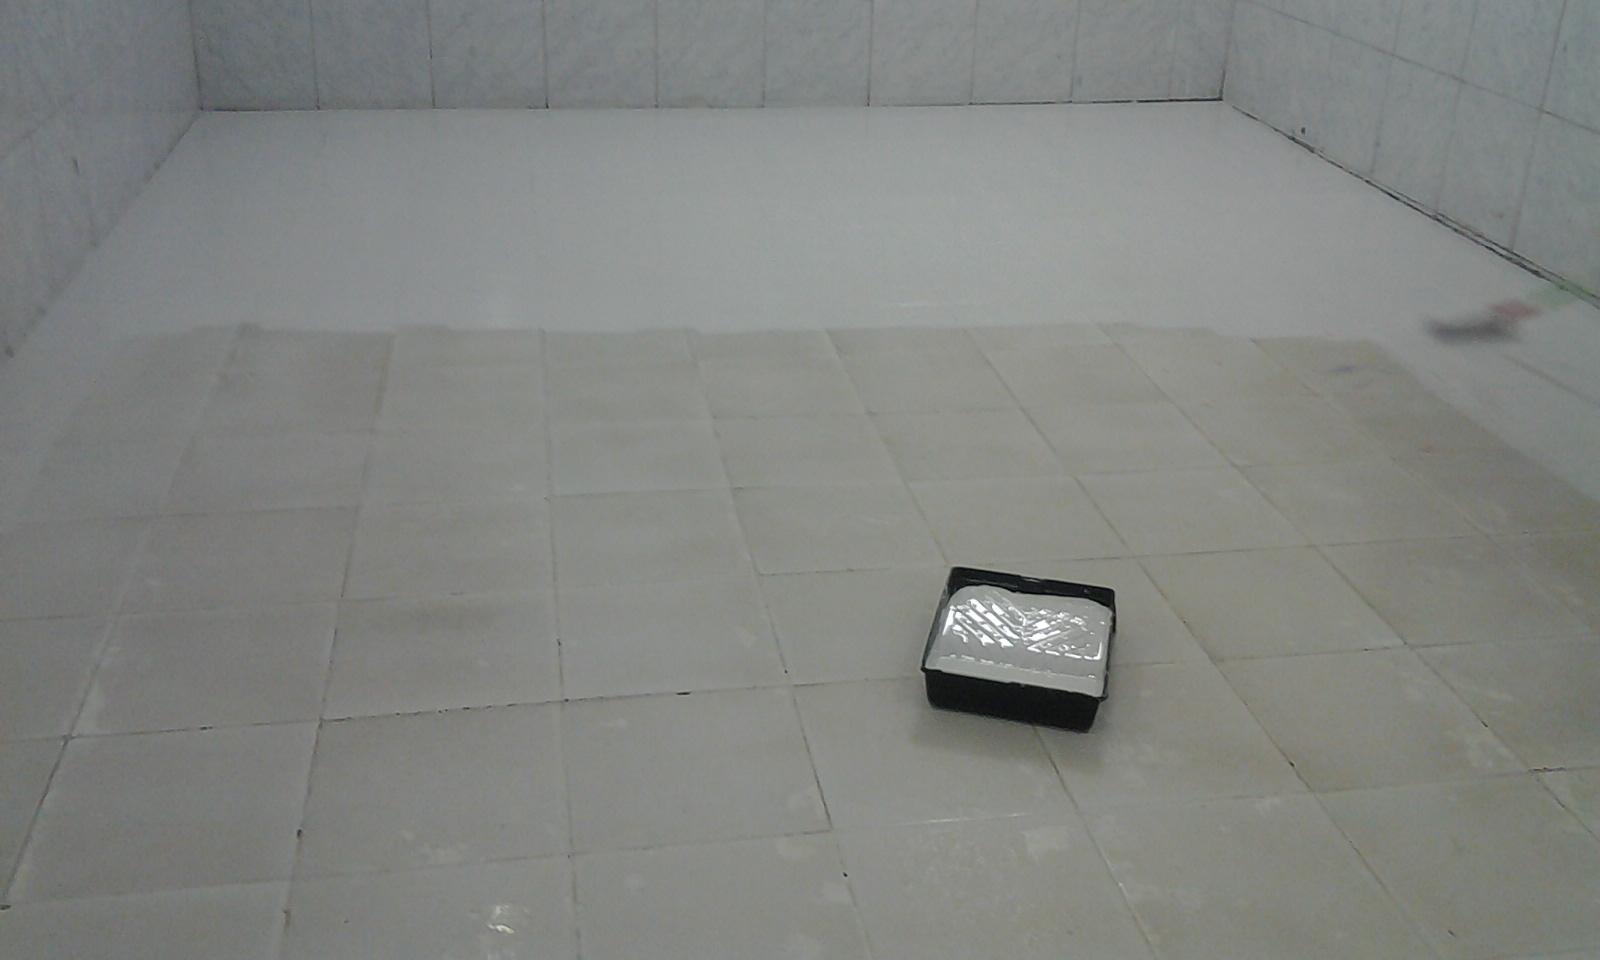 Piso ceramica pintado tinta epoxi 05 cinco anos de - Pintura para pintar ceramica de piso ...